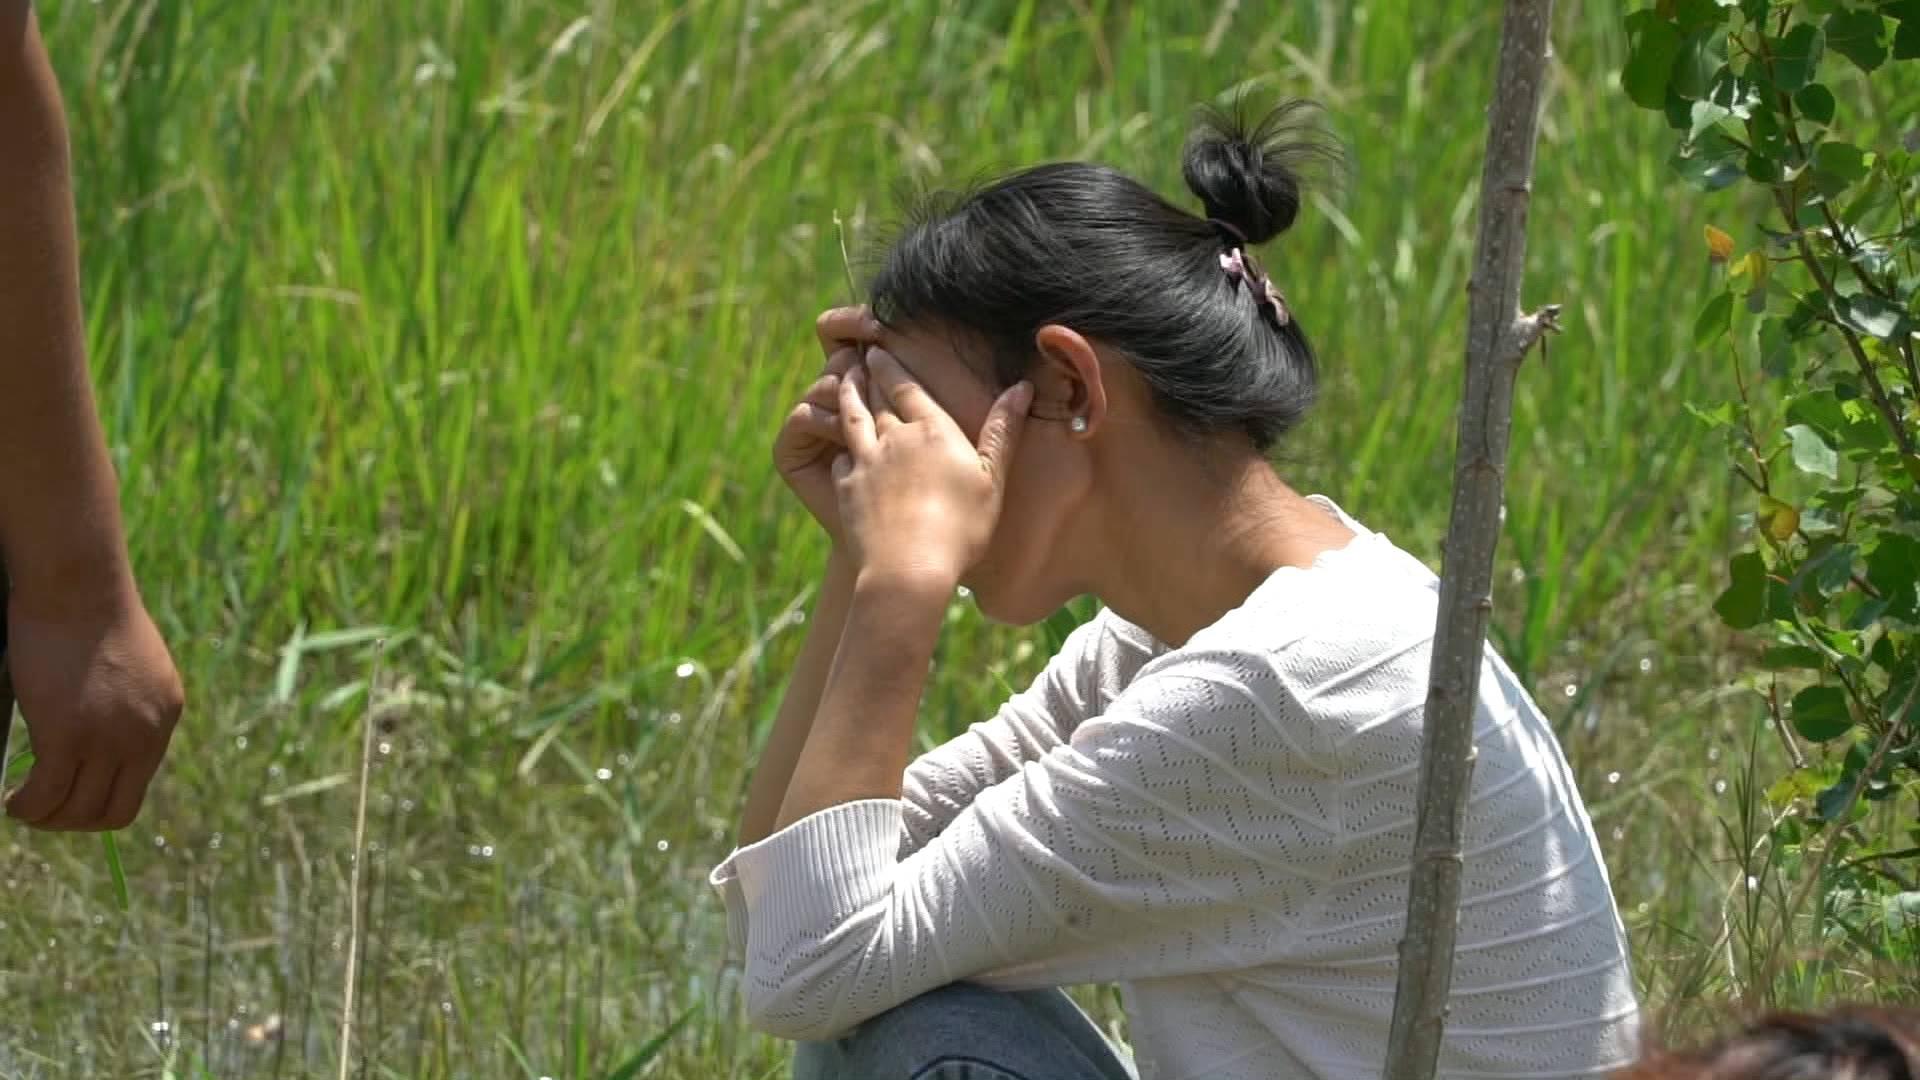 43秒丨看好孩子!菏泽11岁少年溺水,40多人救援仍未找到踪迹